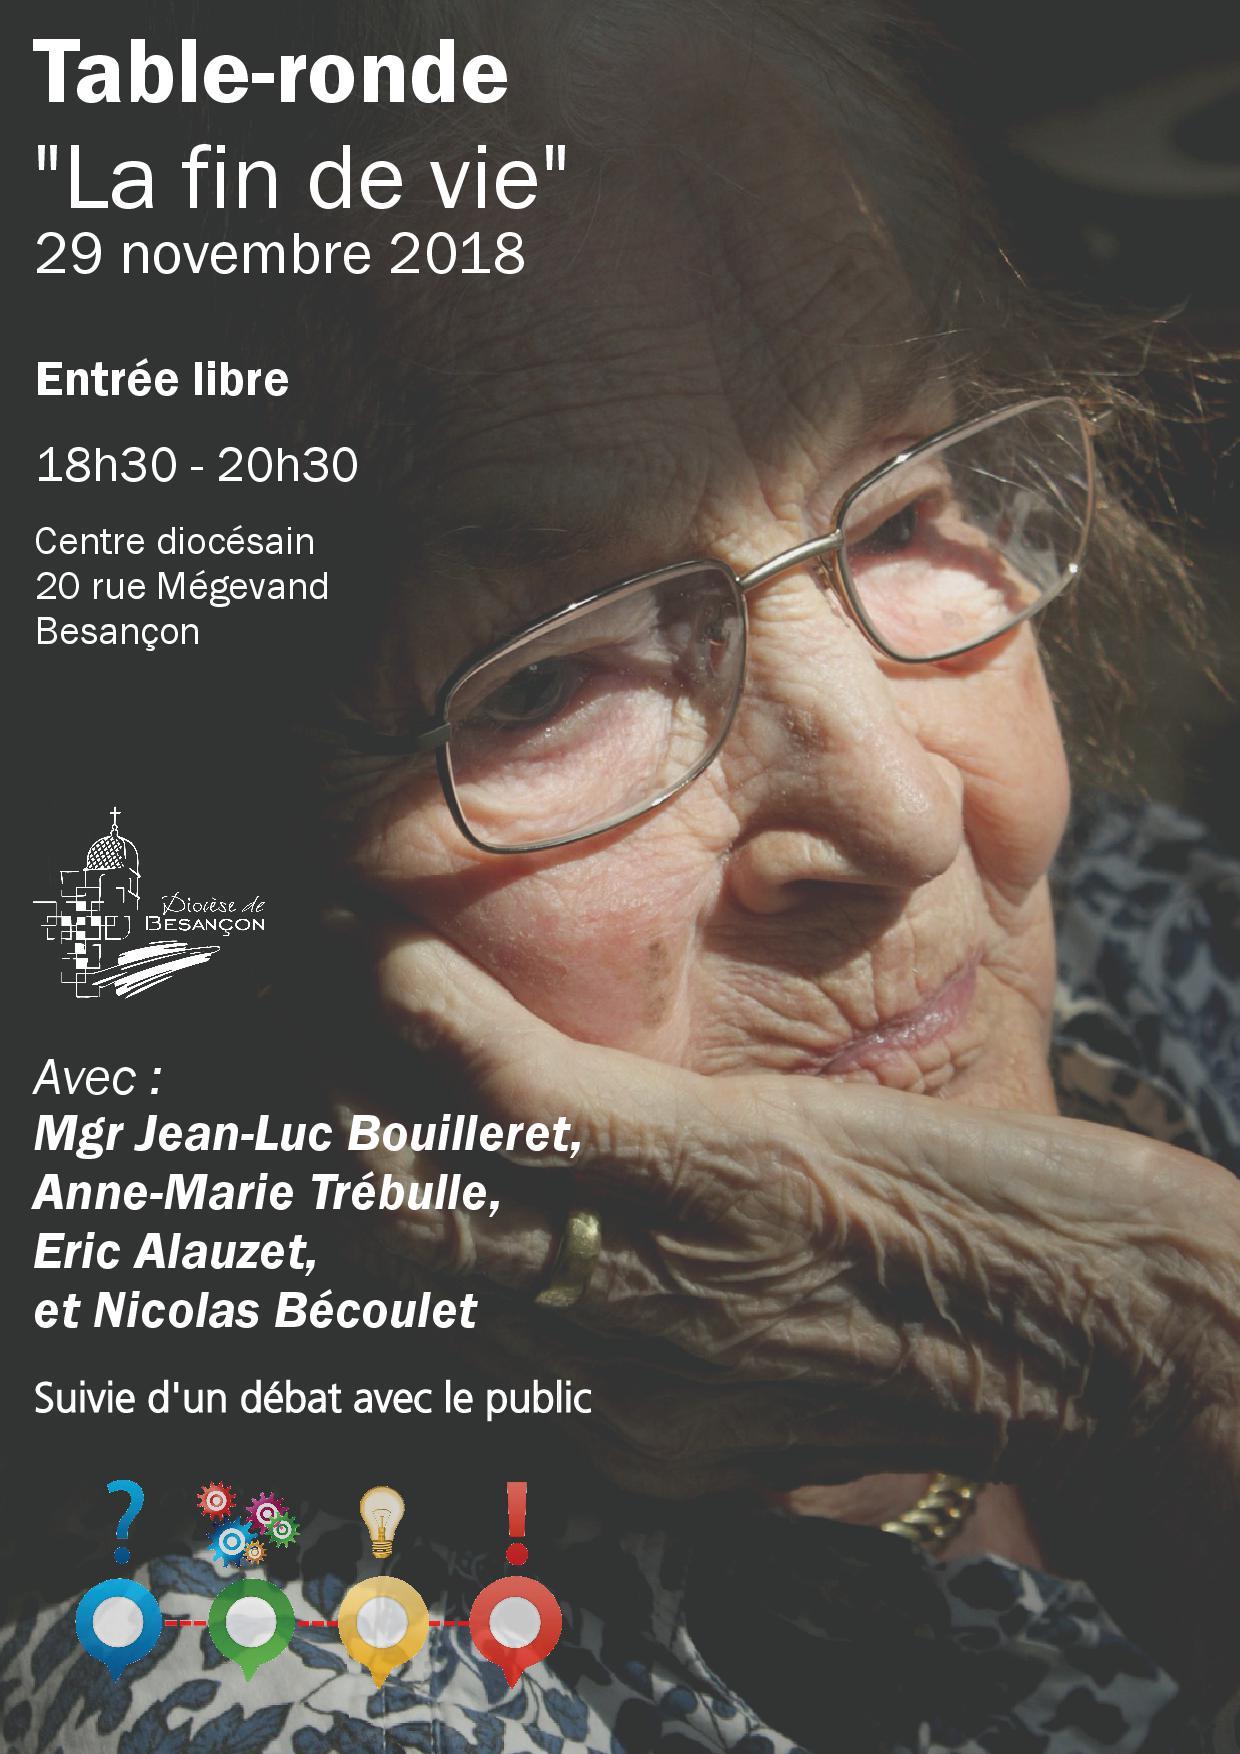 Débat sur la fin de vie le 29 novembre 2018 à Besançon (25)